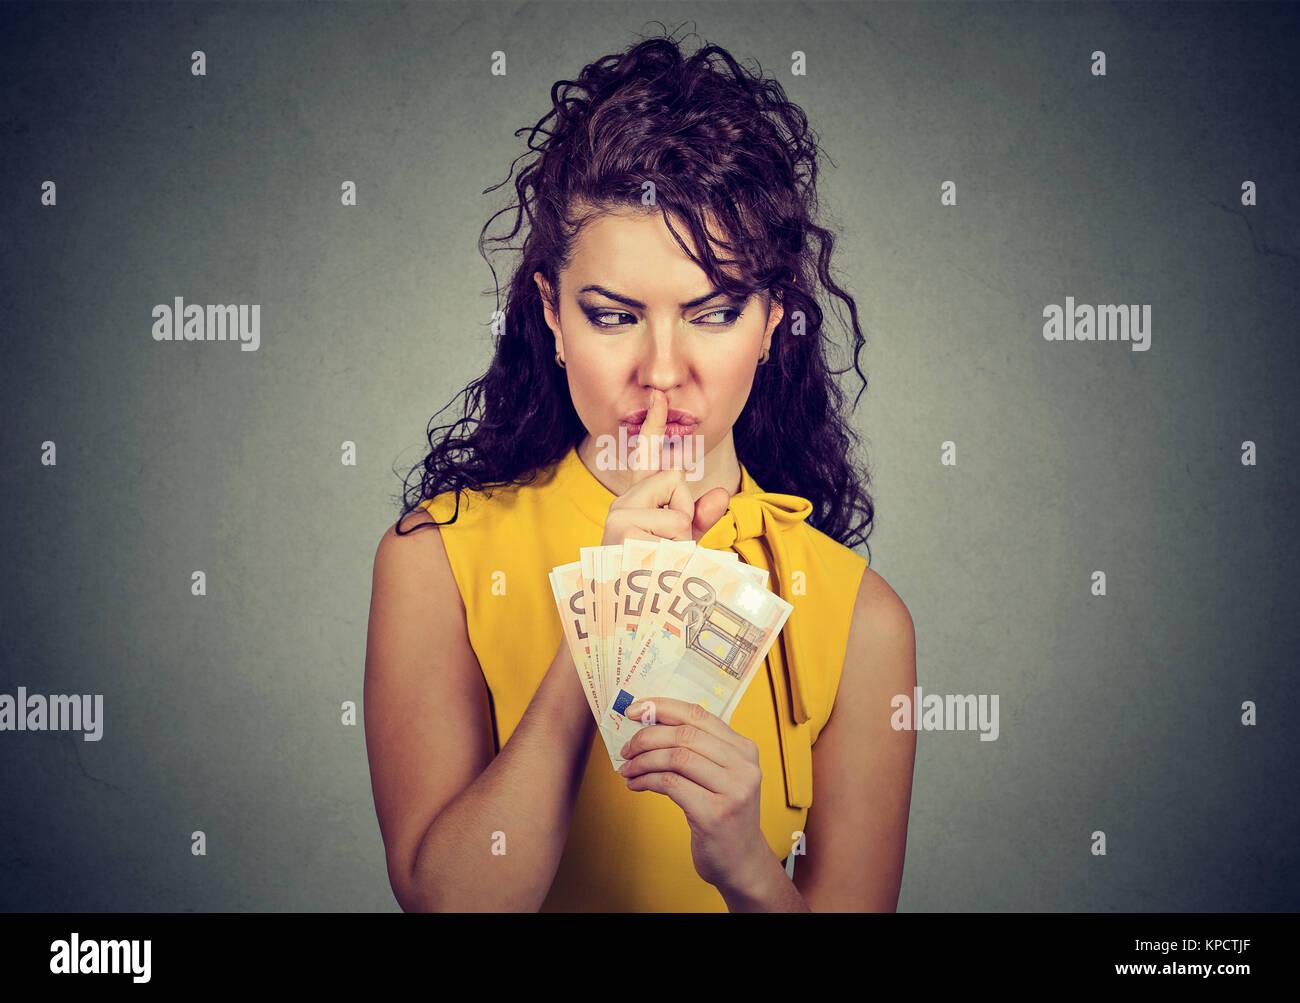 Frau mit Haufen von Euro und bittet um Ruhe beim Üben von Korruption. Stockbild